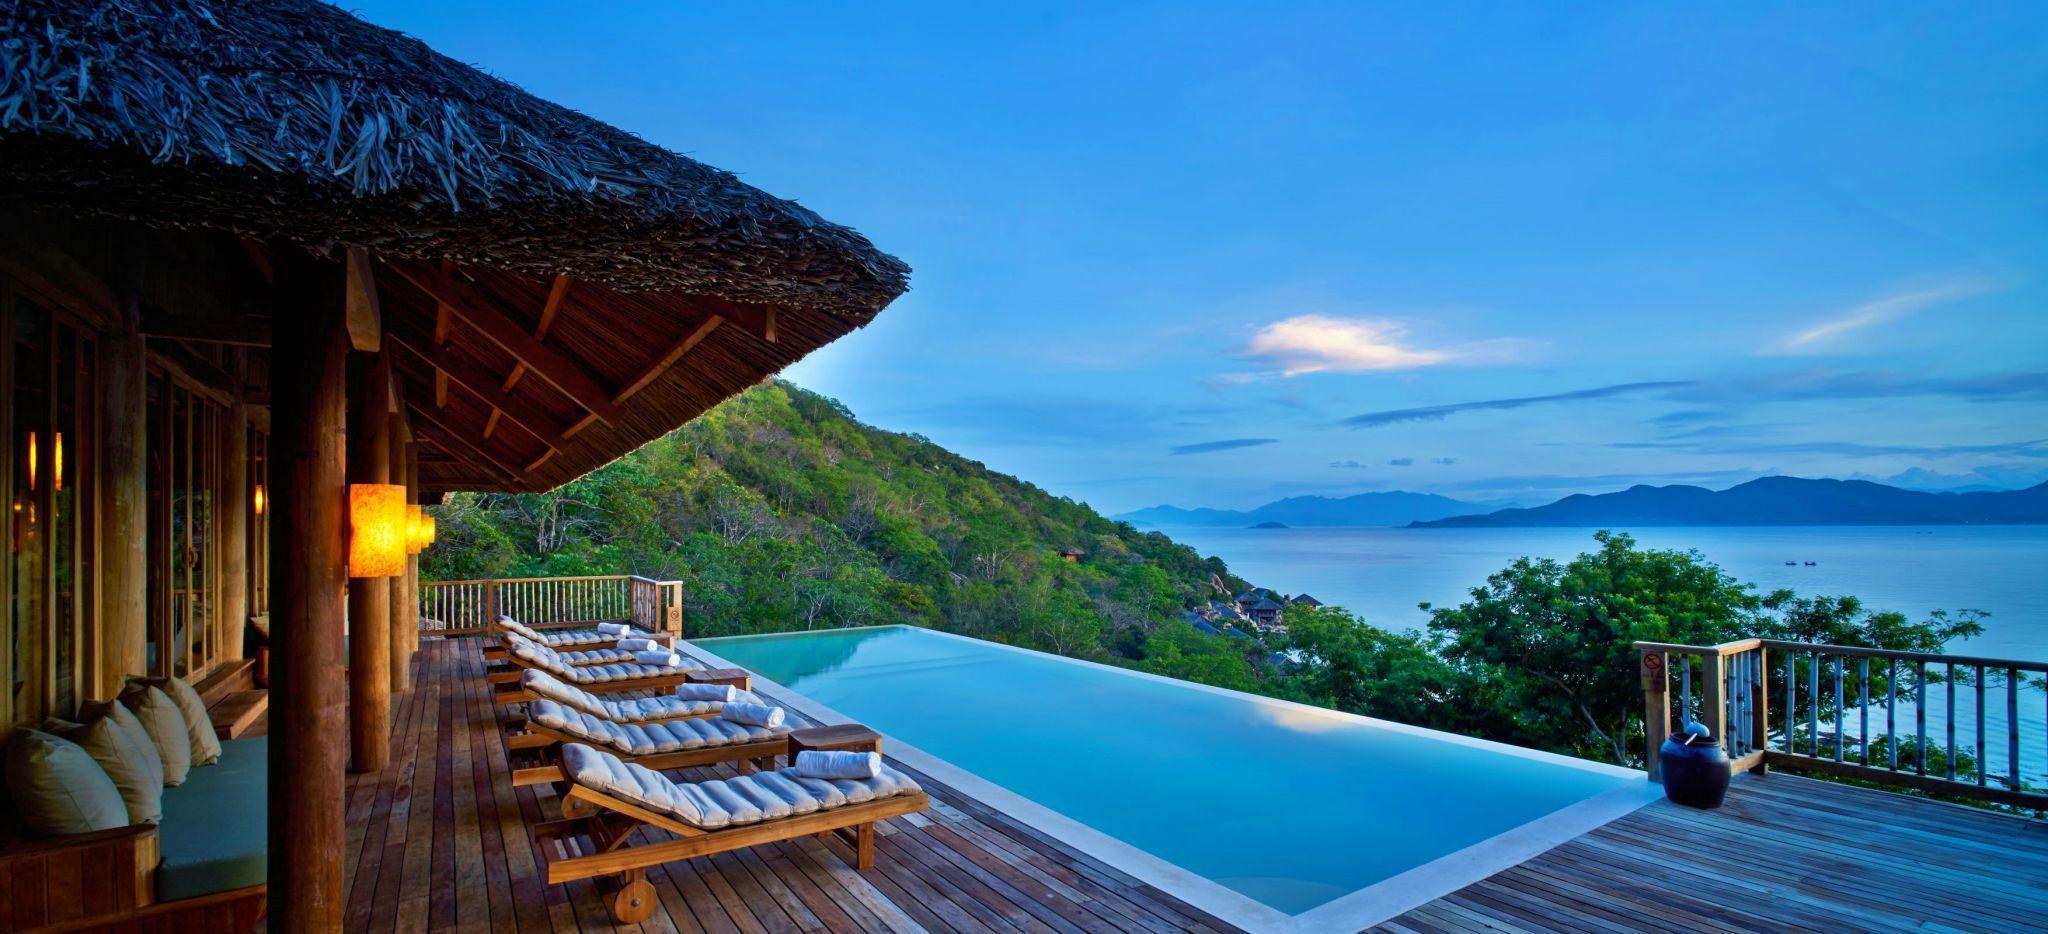 Eine große Terrasse mit einem privaten Pool mit Blick über die umgebenen Hügel und das Meer